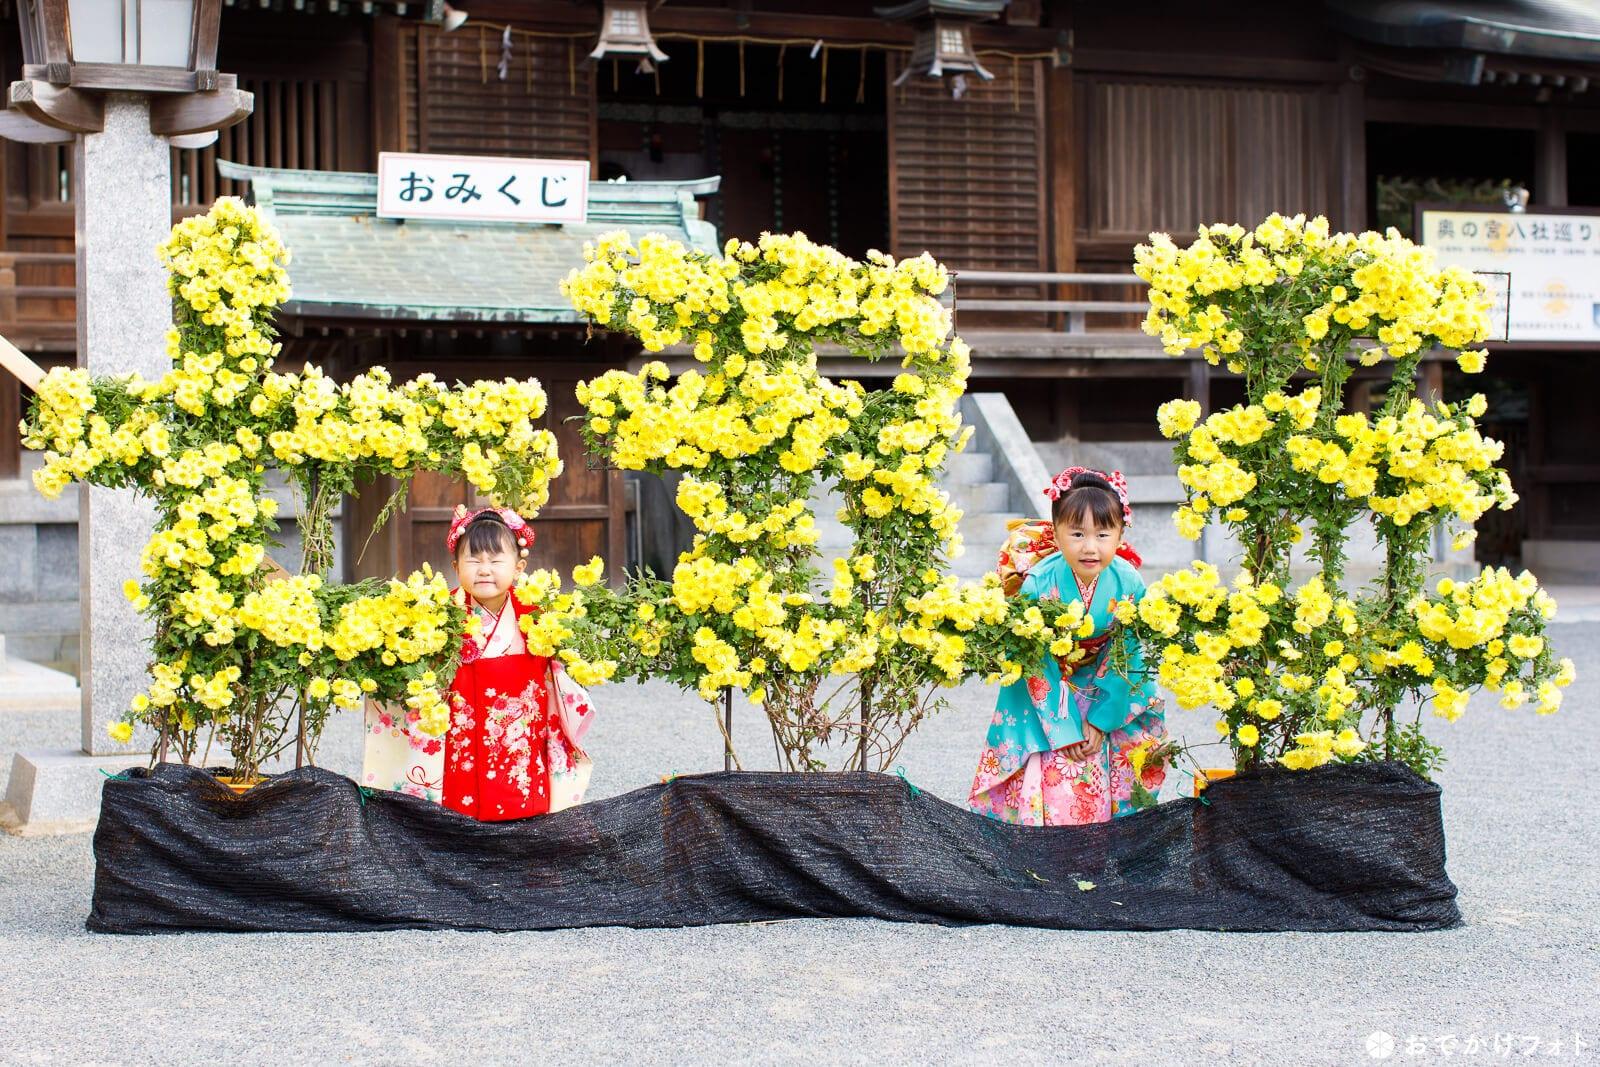 宮地嶽神社七五三の花飾り